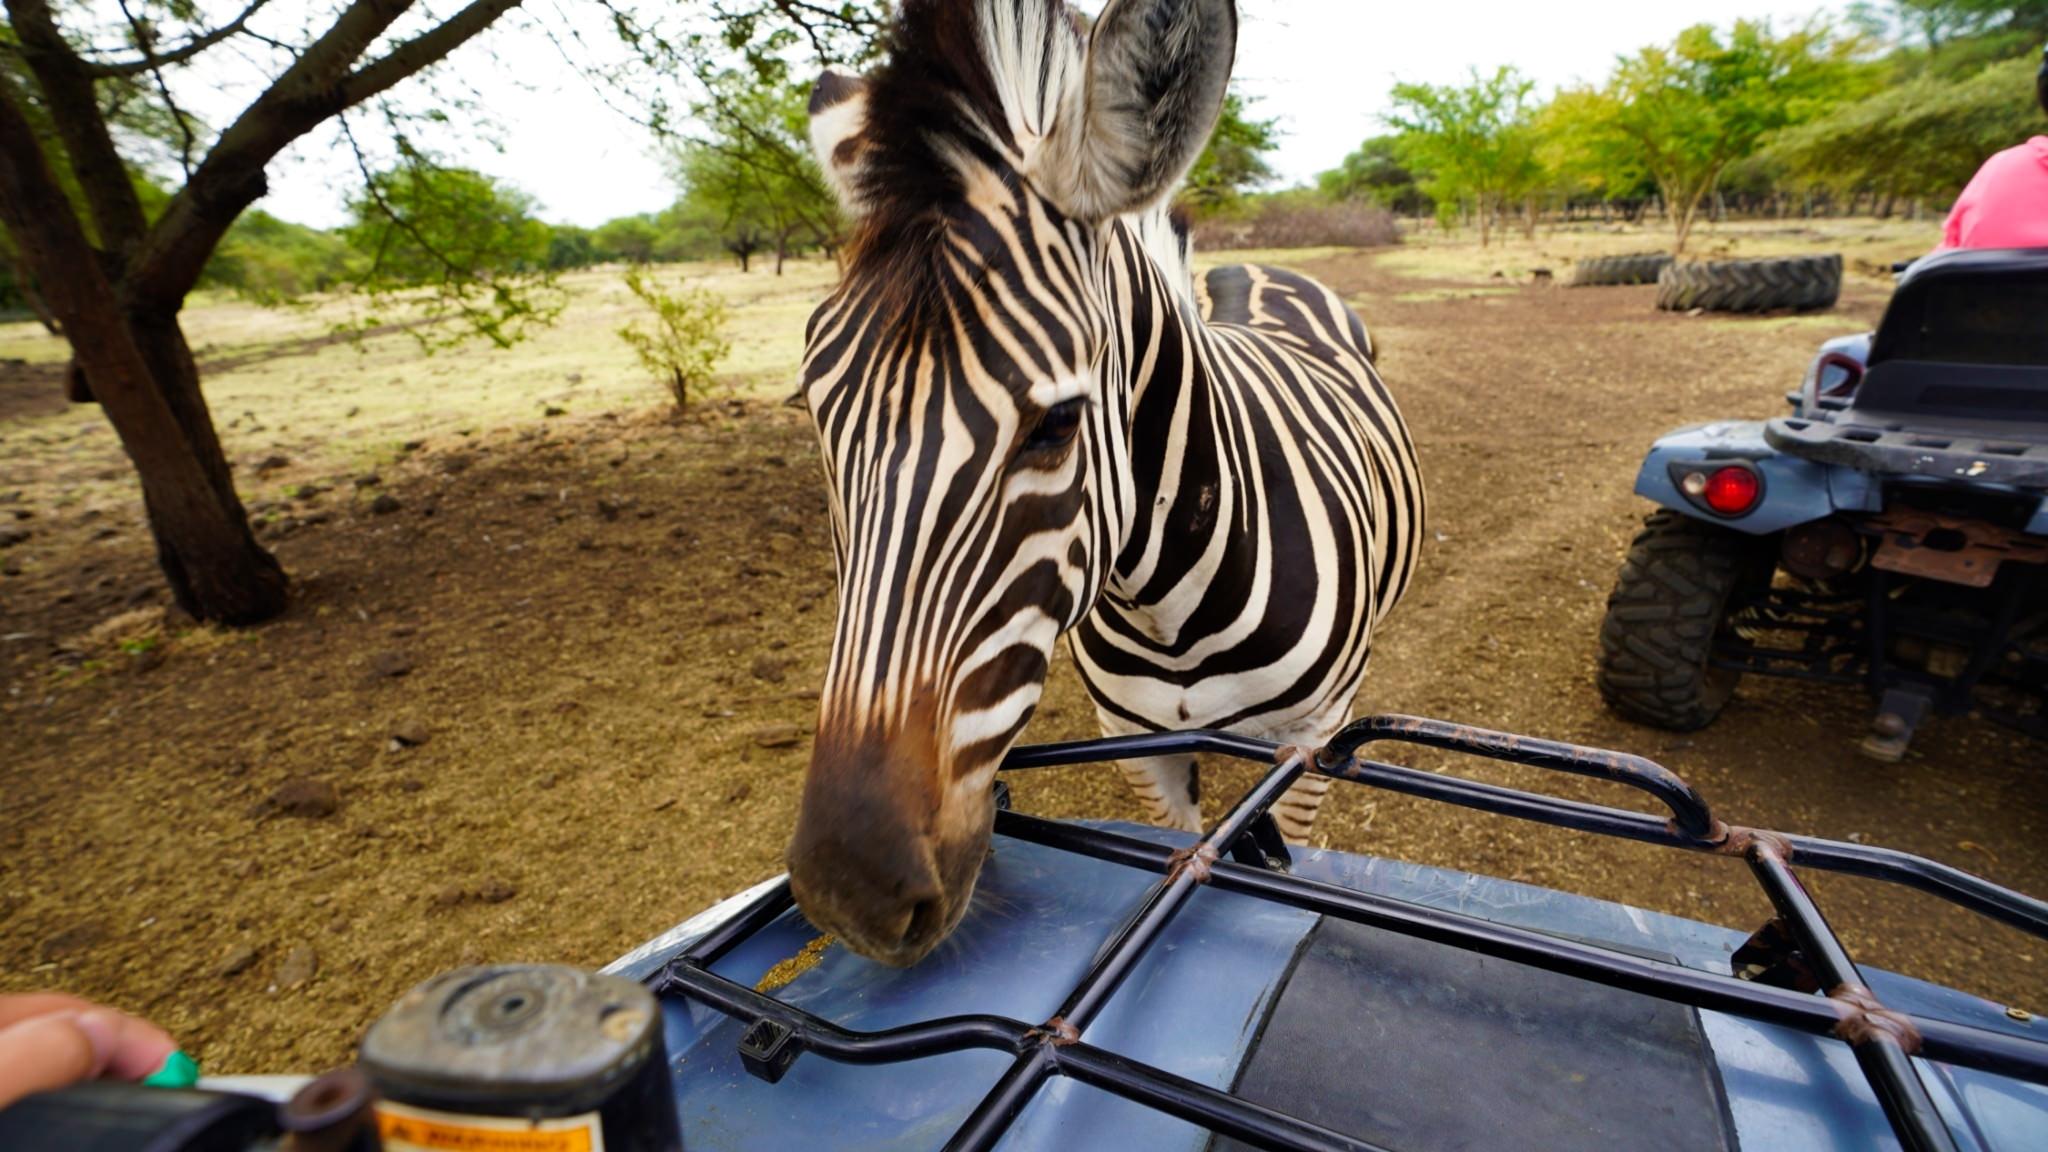 模里西斯,Mauritius,模里西斯景點,七色土,Casela自然公園,模里西斯旅遊